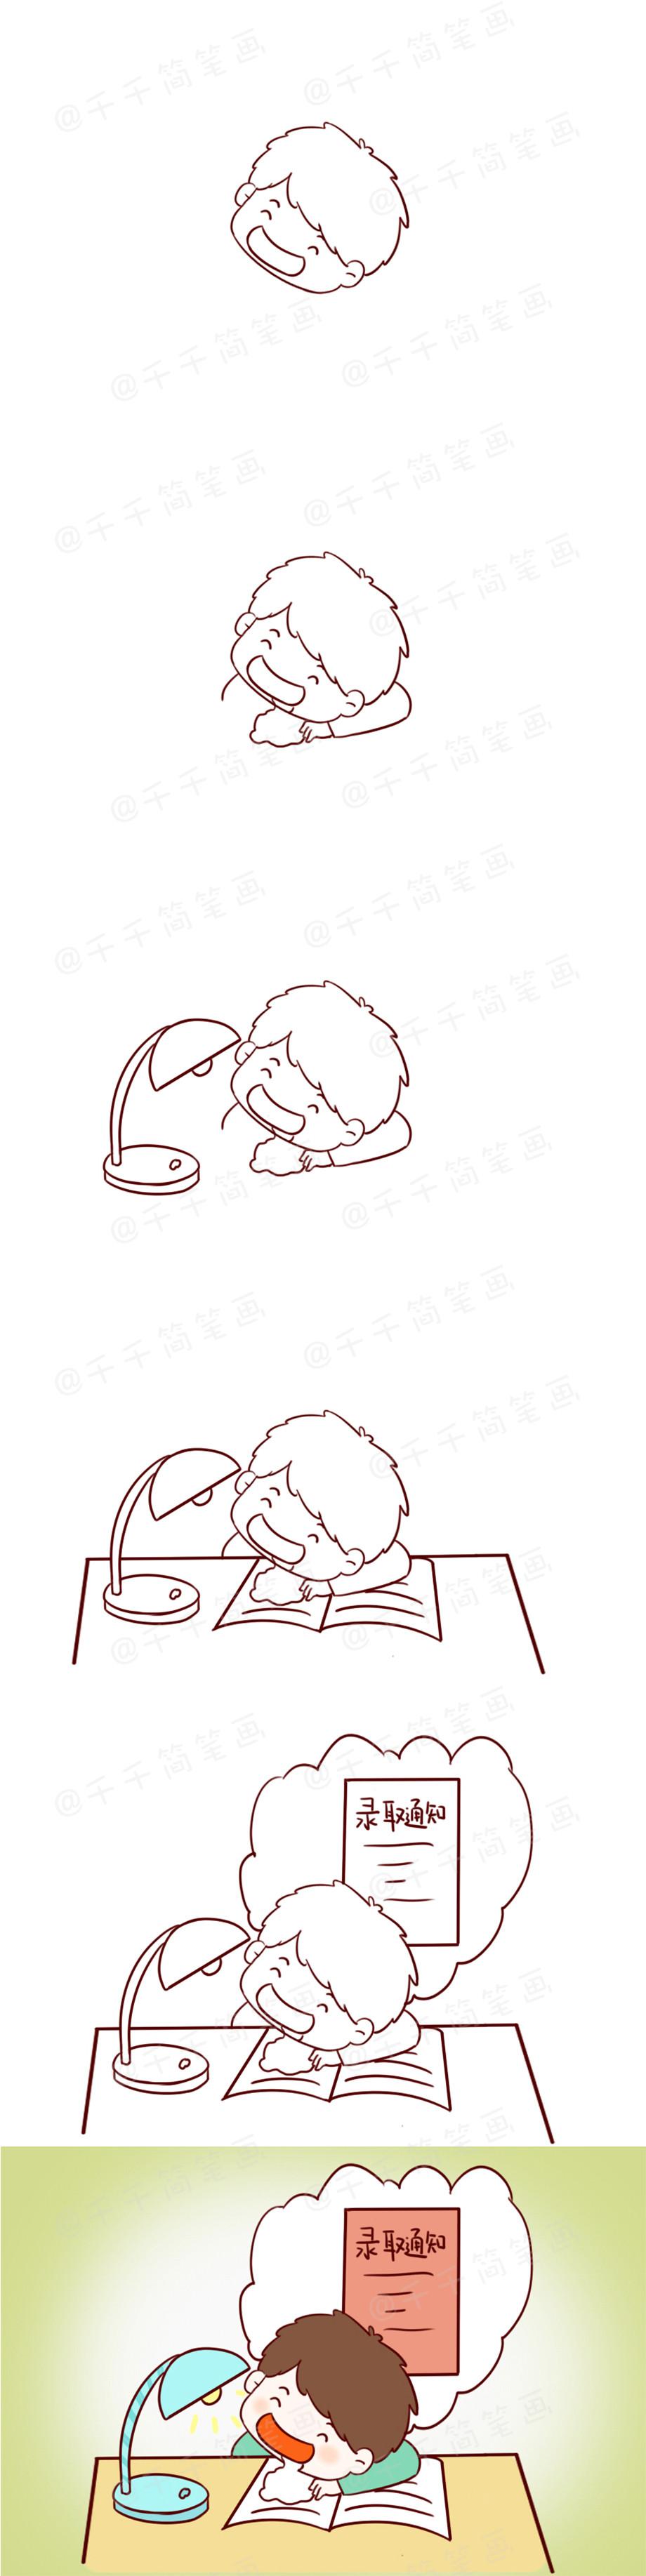 【5岁+成语故事】黄粱美梦【千千简笔画国学 】